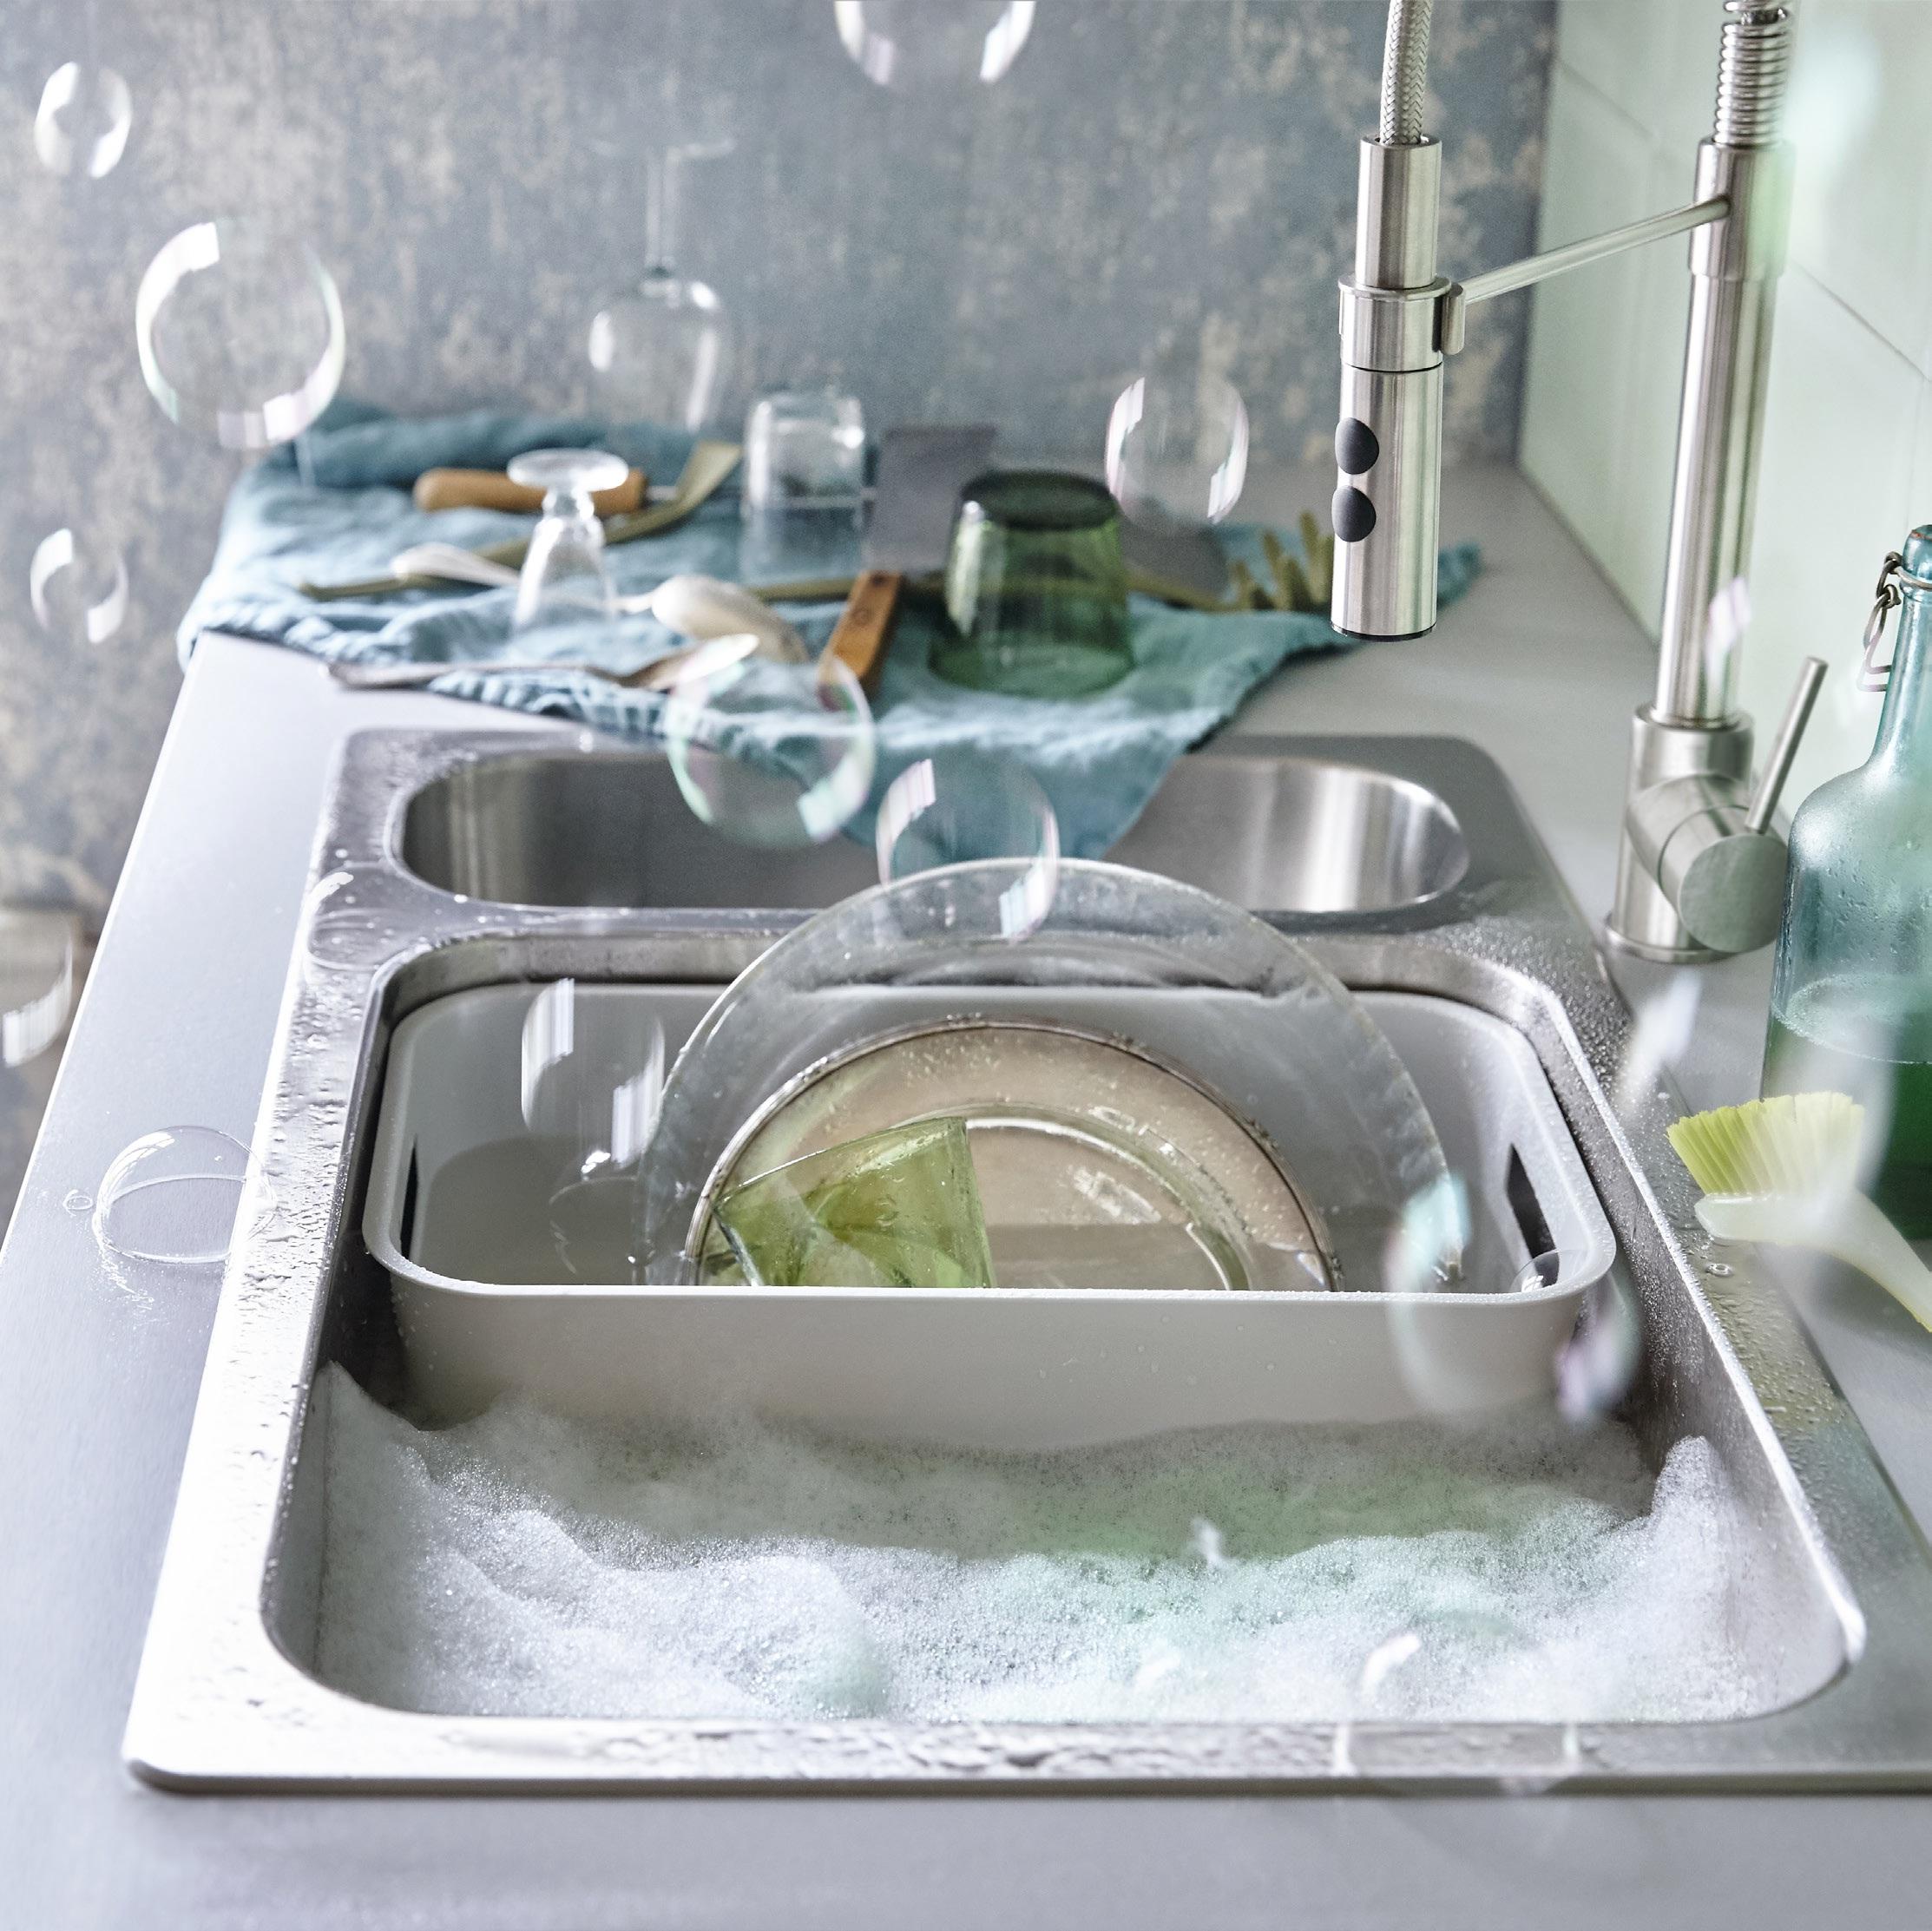 解决厨具收纳,要按照使用顺手原则。常用的锅具、厨具可以放在离灶台或水槽较近的位置,例如挂在墙面或操作台面置物架上便于取放;不常用的厨具则可以收在离灶台较远的橱柜。